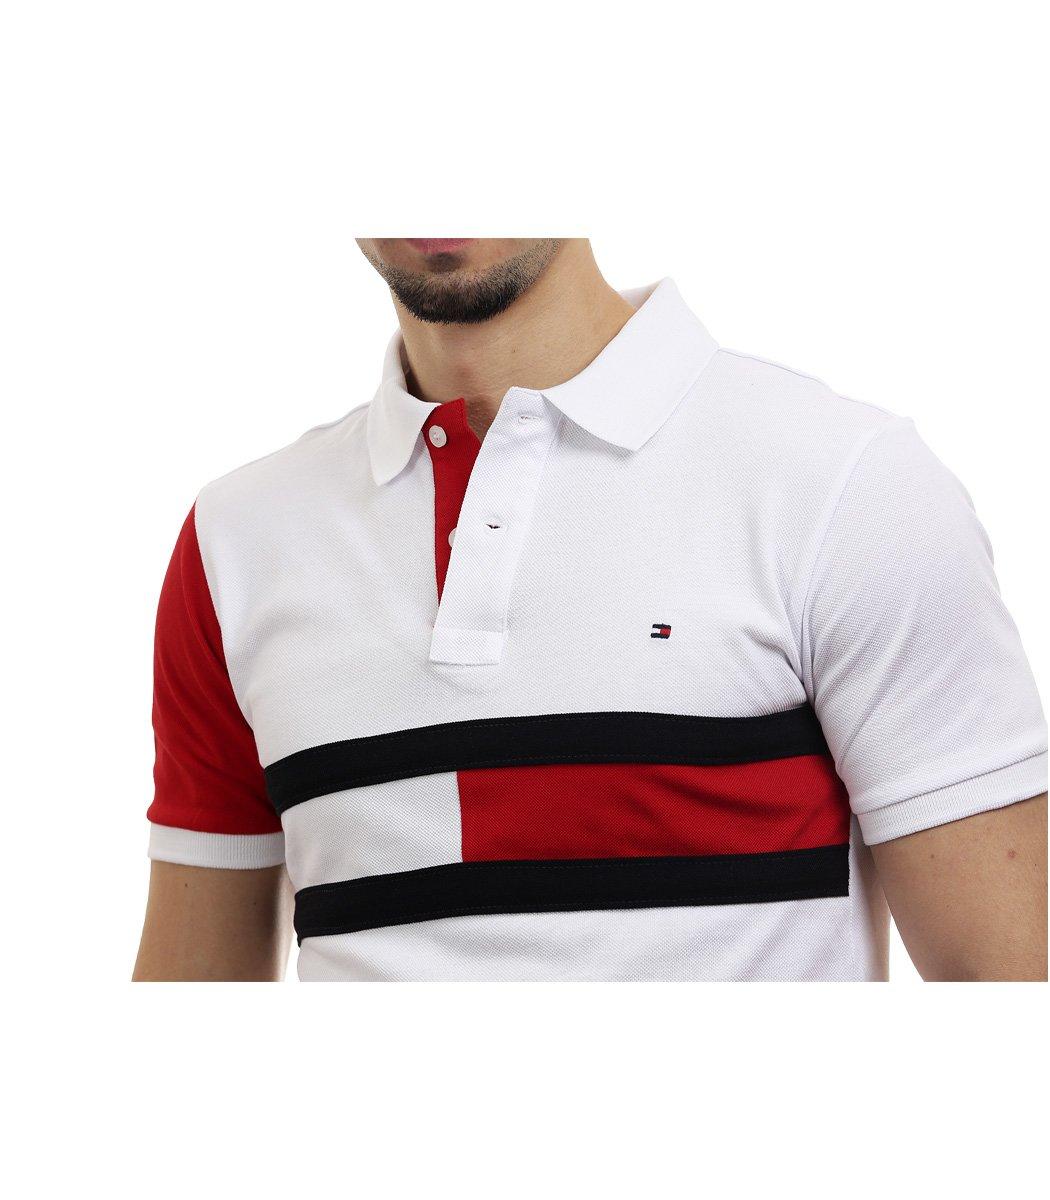 Белая футболка поло Tommy Hilfiger - Белый/красный - Вид 3